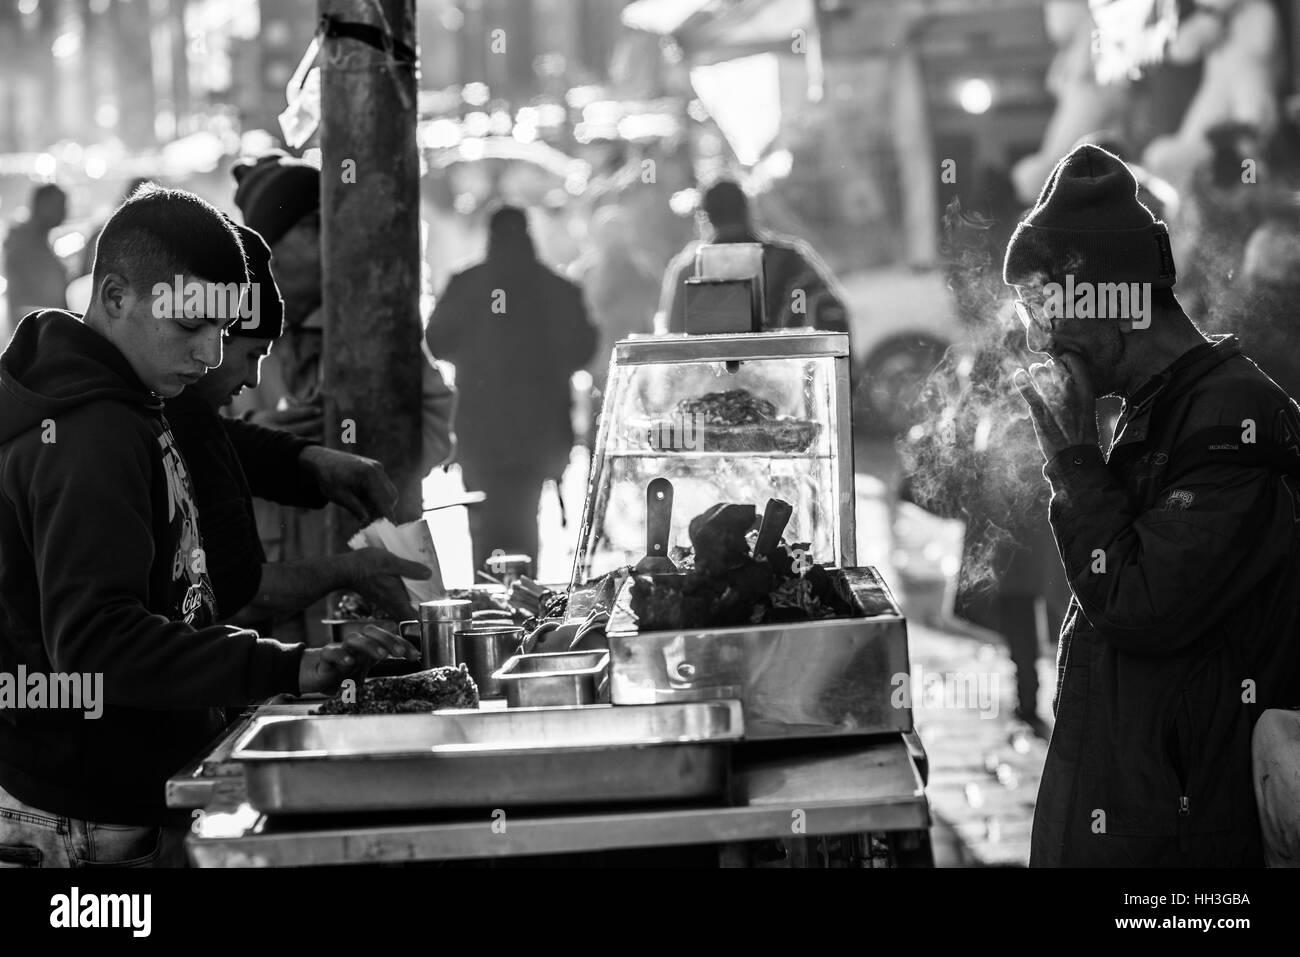 A street vendor sells food in market, old city Jerusalem, Israel, Middle East - Stock Image